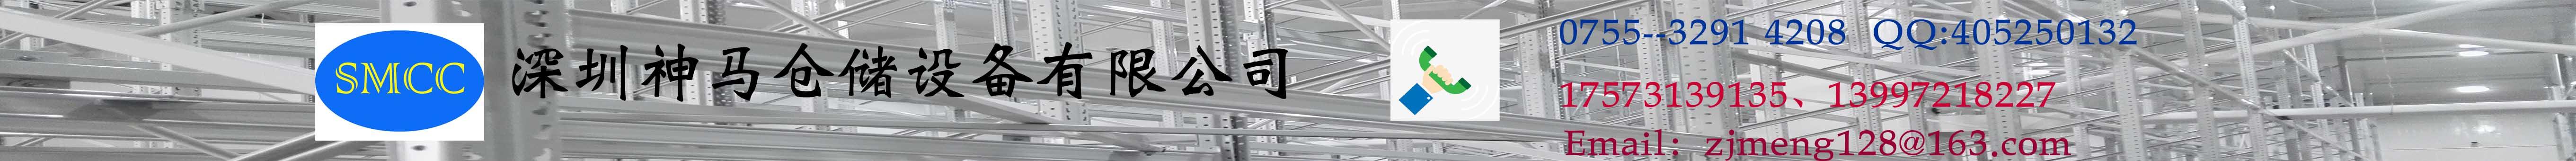 深圳市神馬倉儲設備有限公司